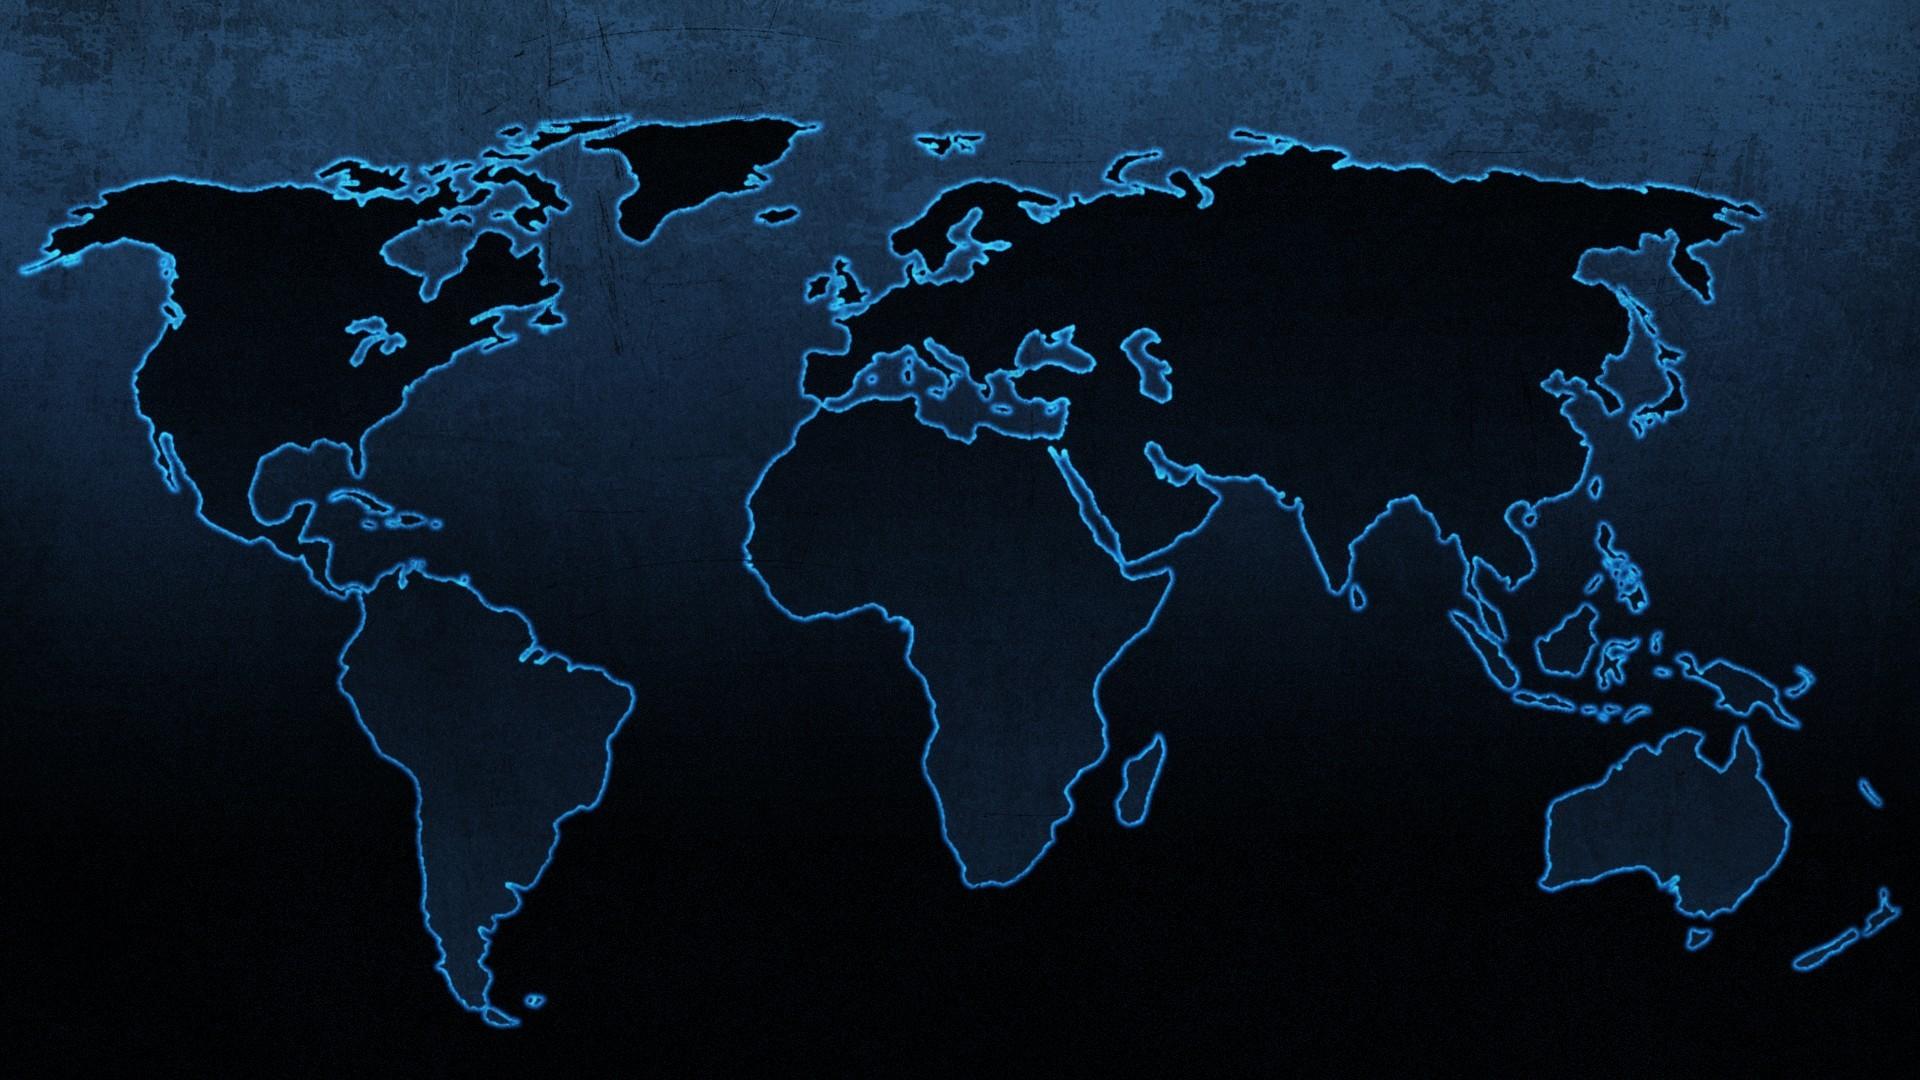 World Map wallpaper 1920x1080 55897 1920x1080